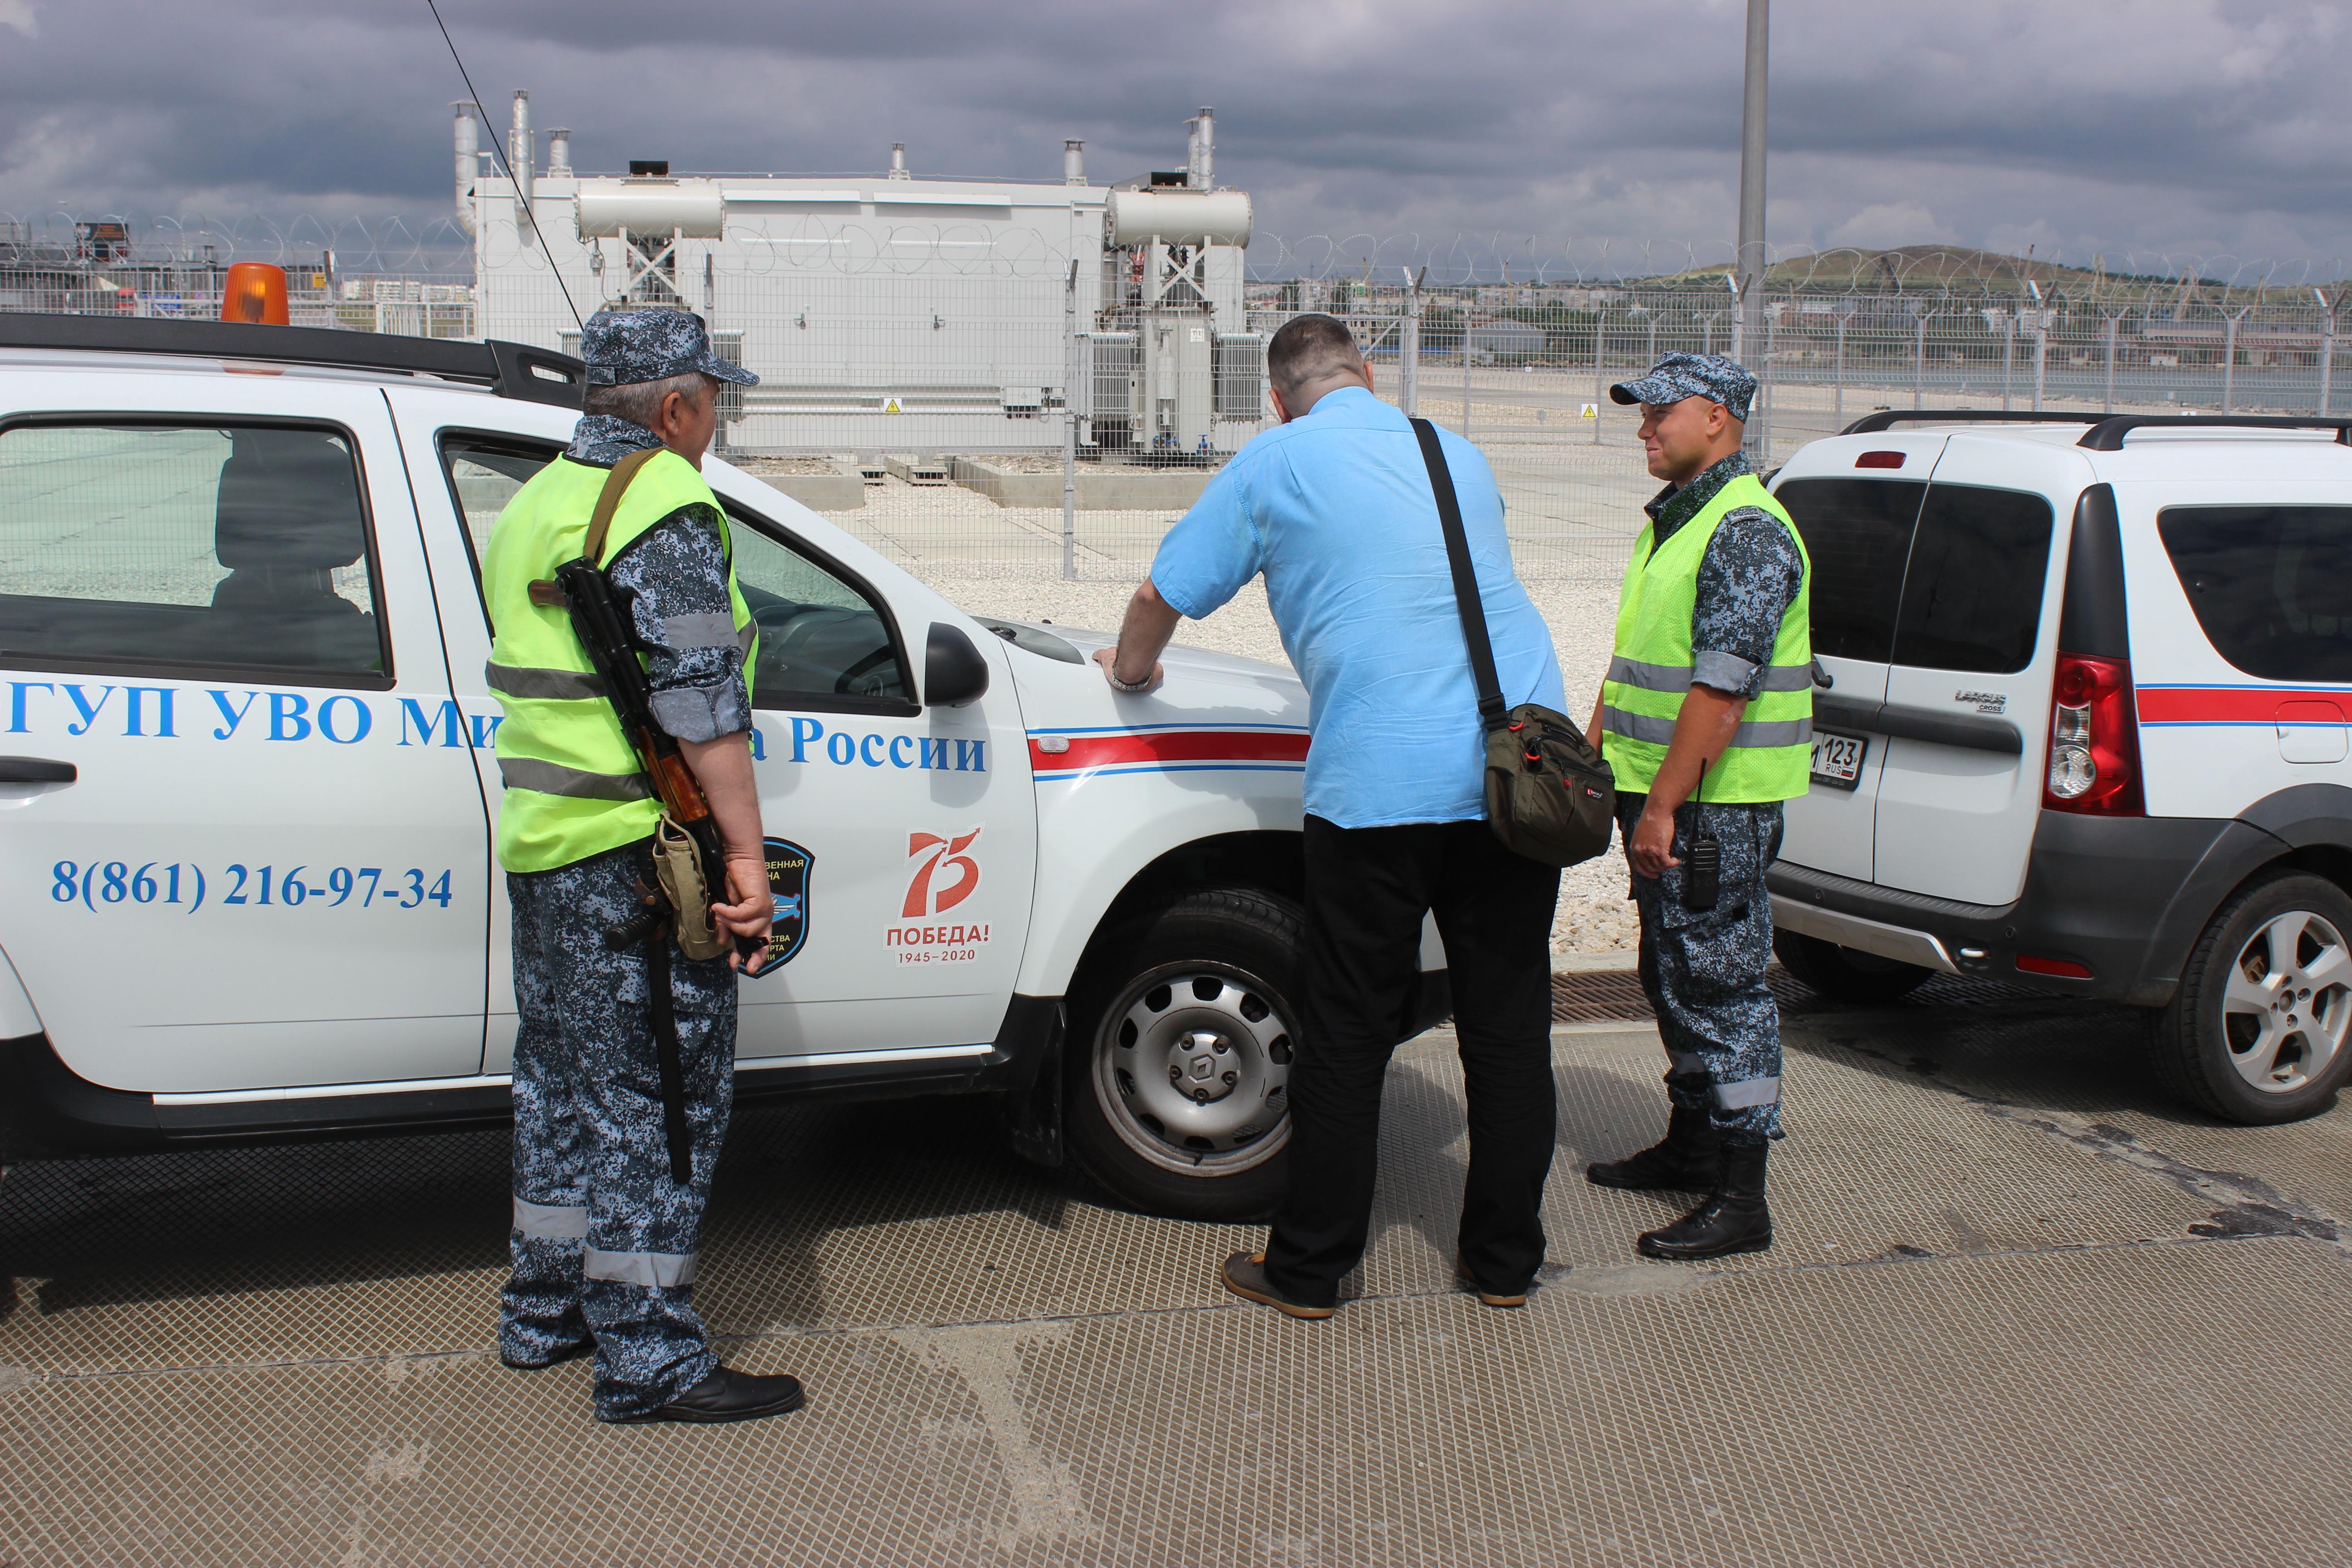 С начала года на Юге России охраной Минтранса проведено свыше 2 млн досмотров